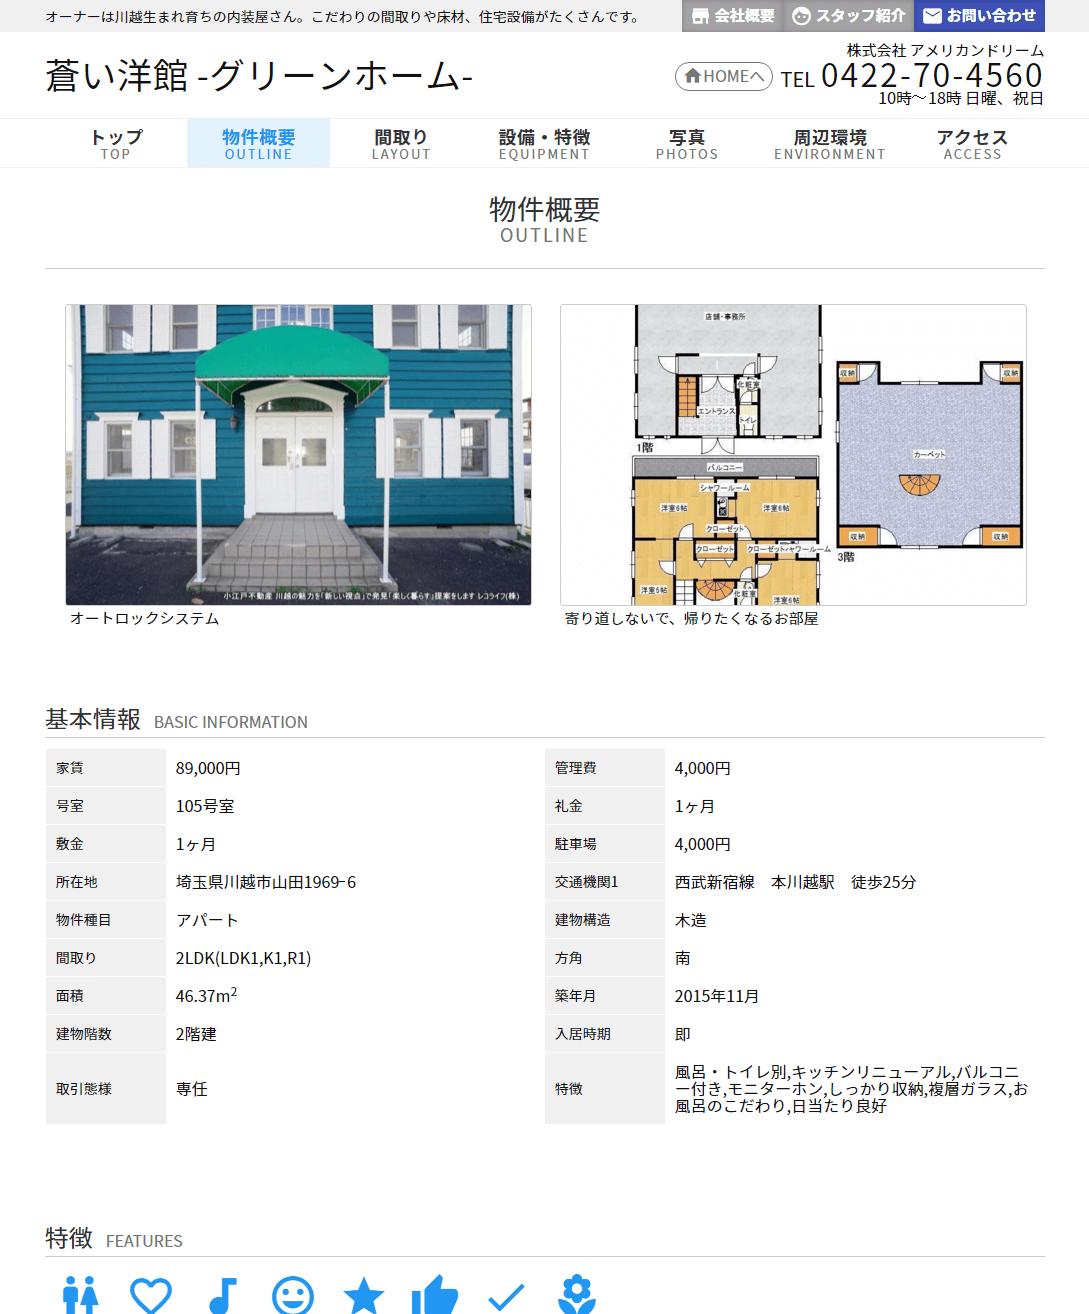 物件概要ページのイメージ図